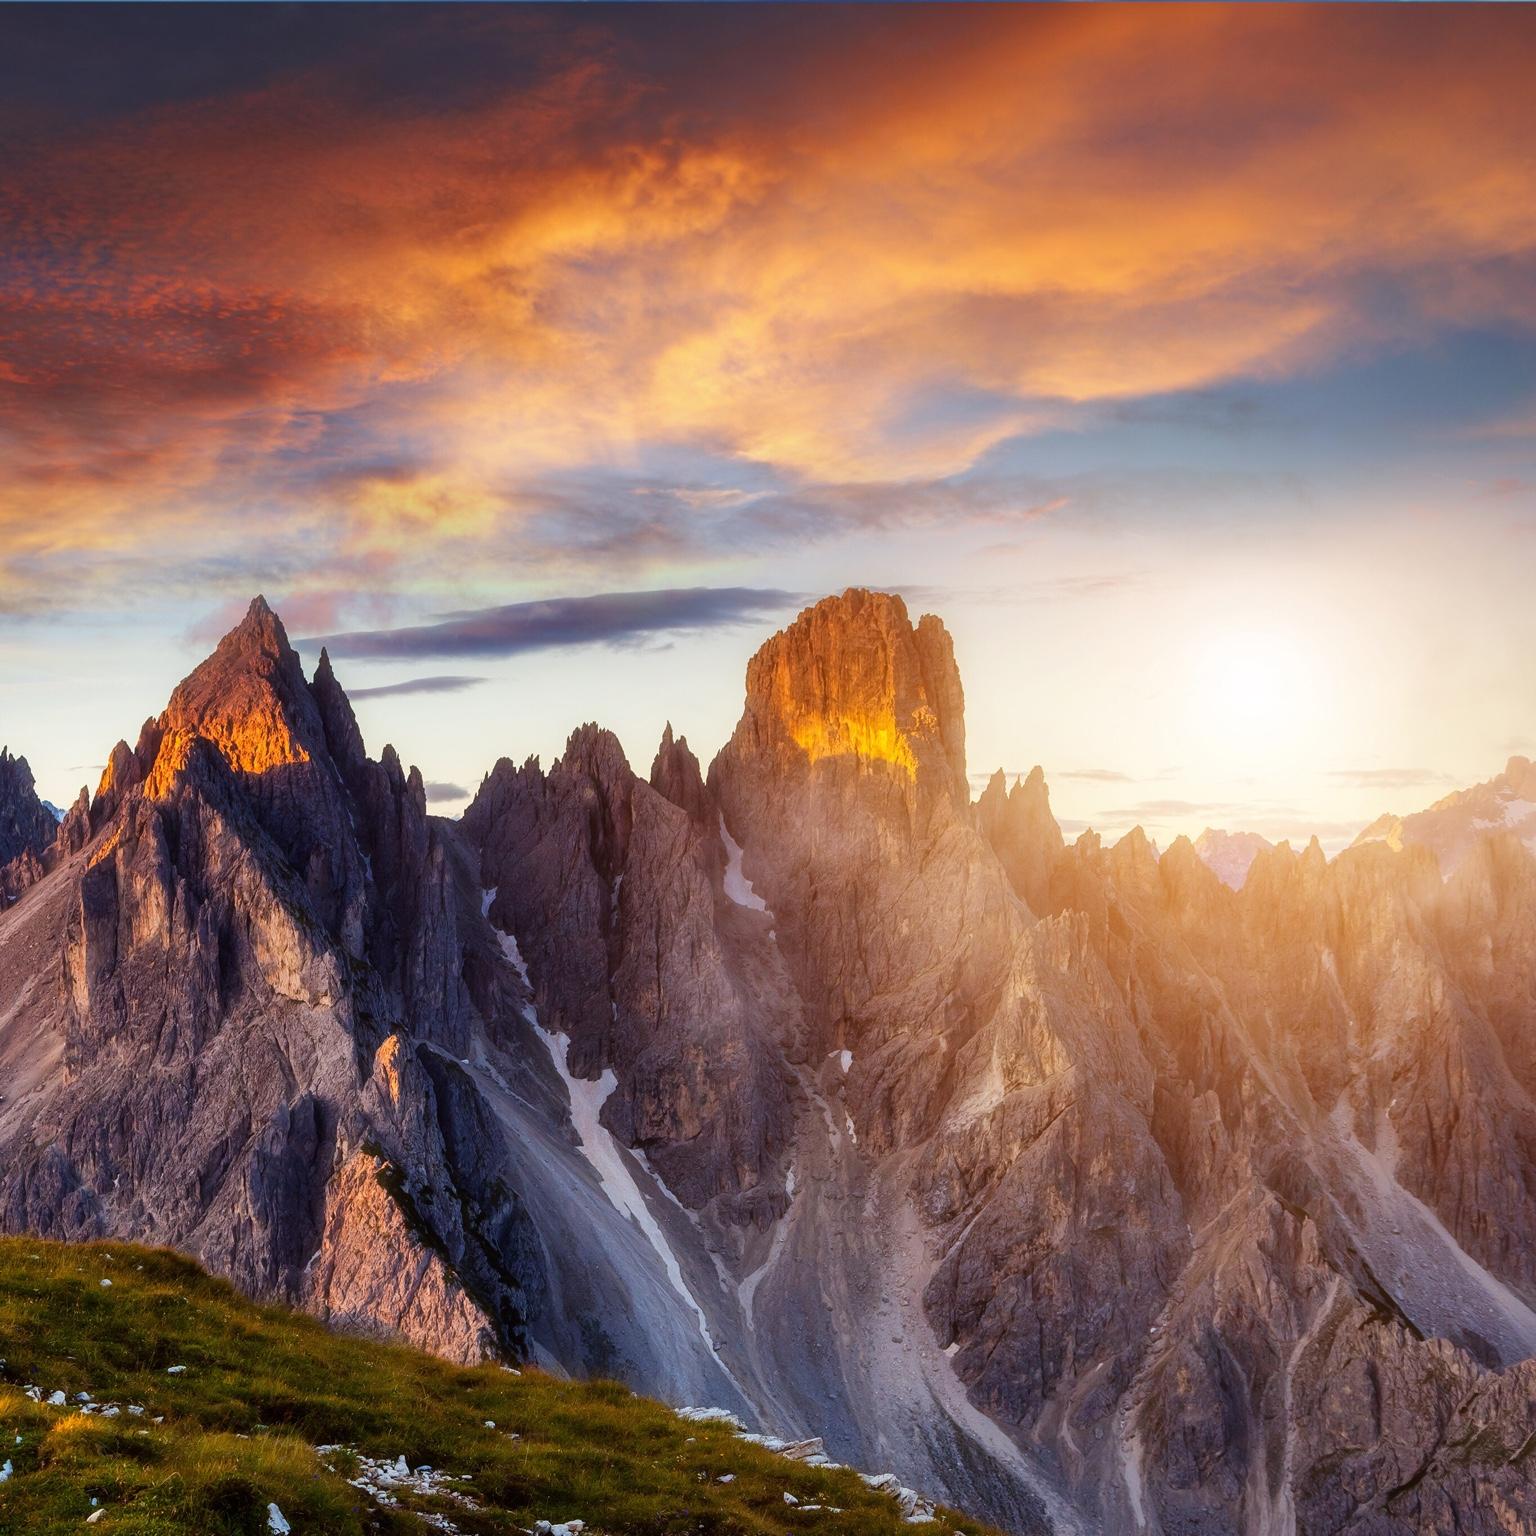 Popular Wallpaper Mountain Ipad Pro - 9b8c9a875125e8a5c55d530f0278dd74  You Should Have_98288.jpg